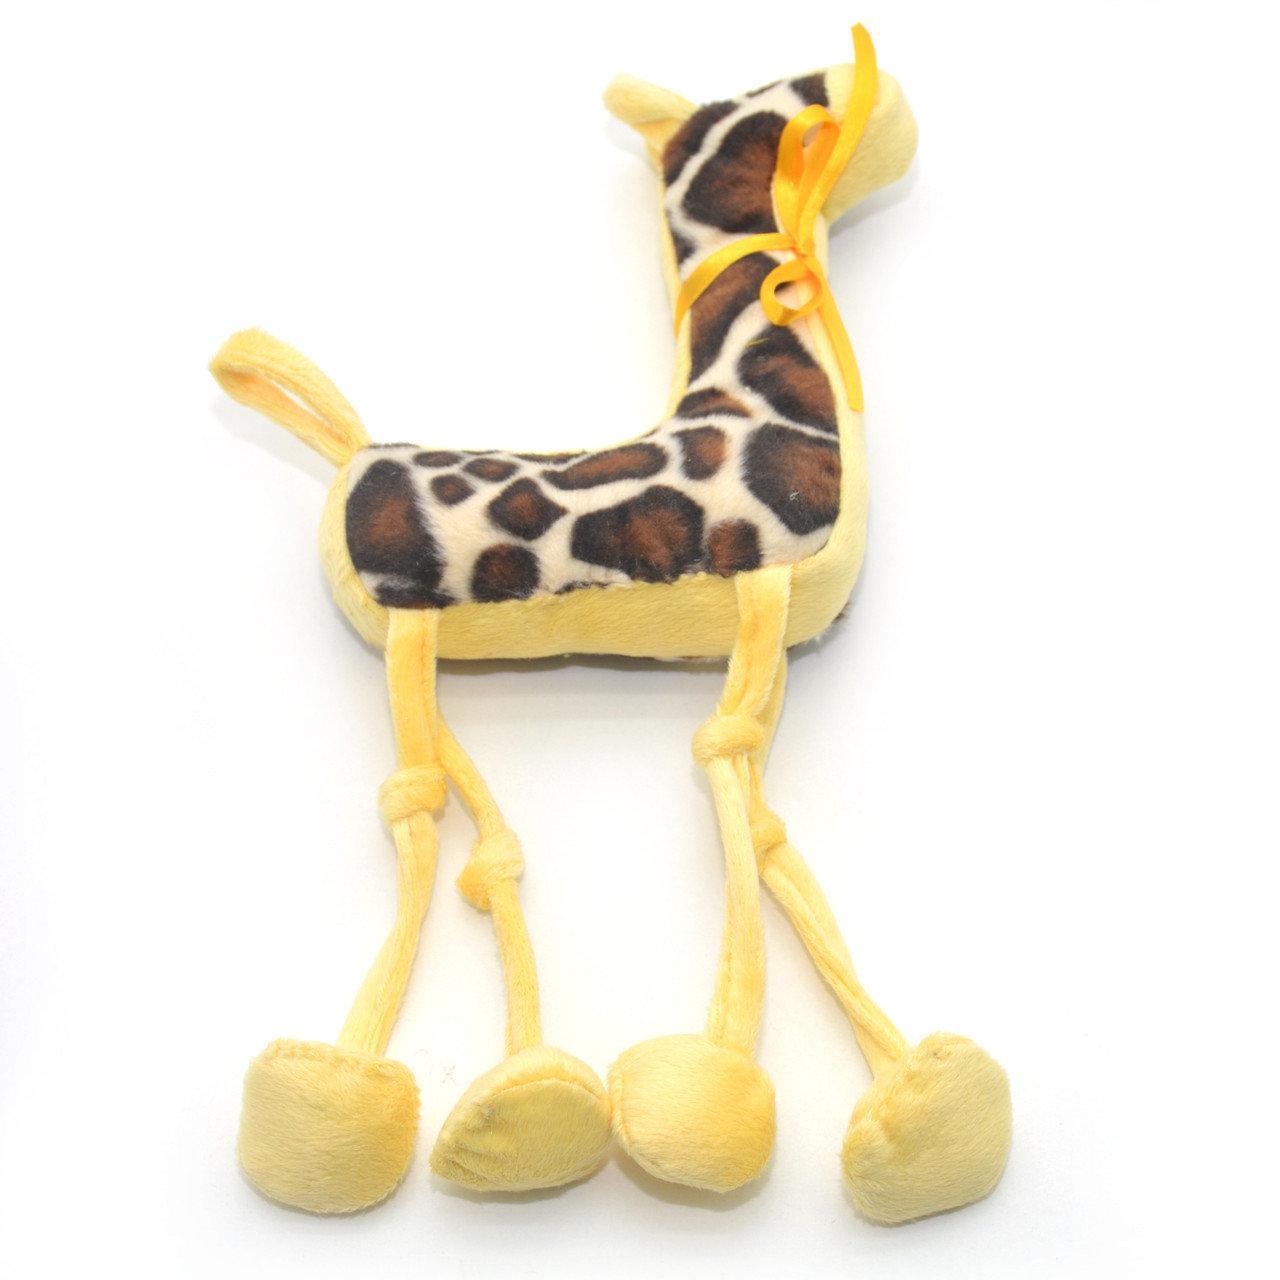 Мягкая игрушка жираф для собаки